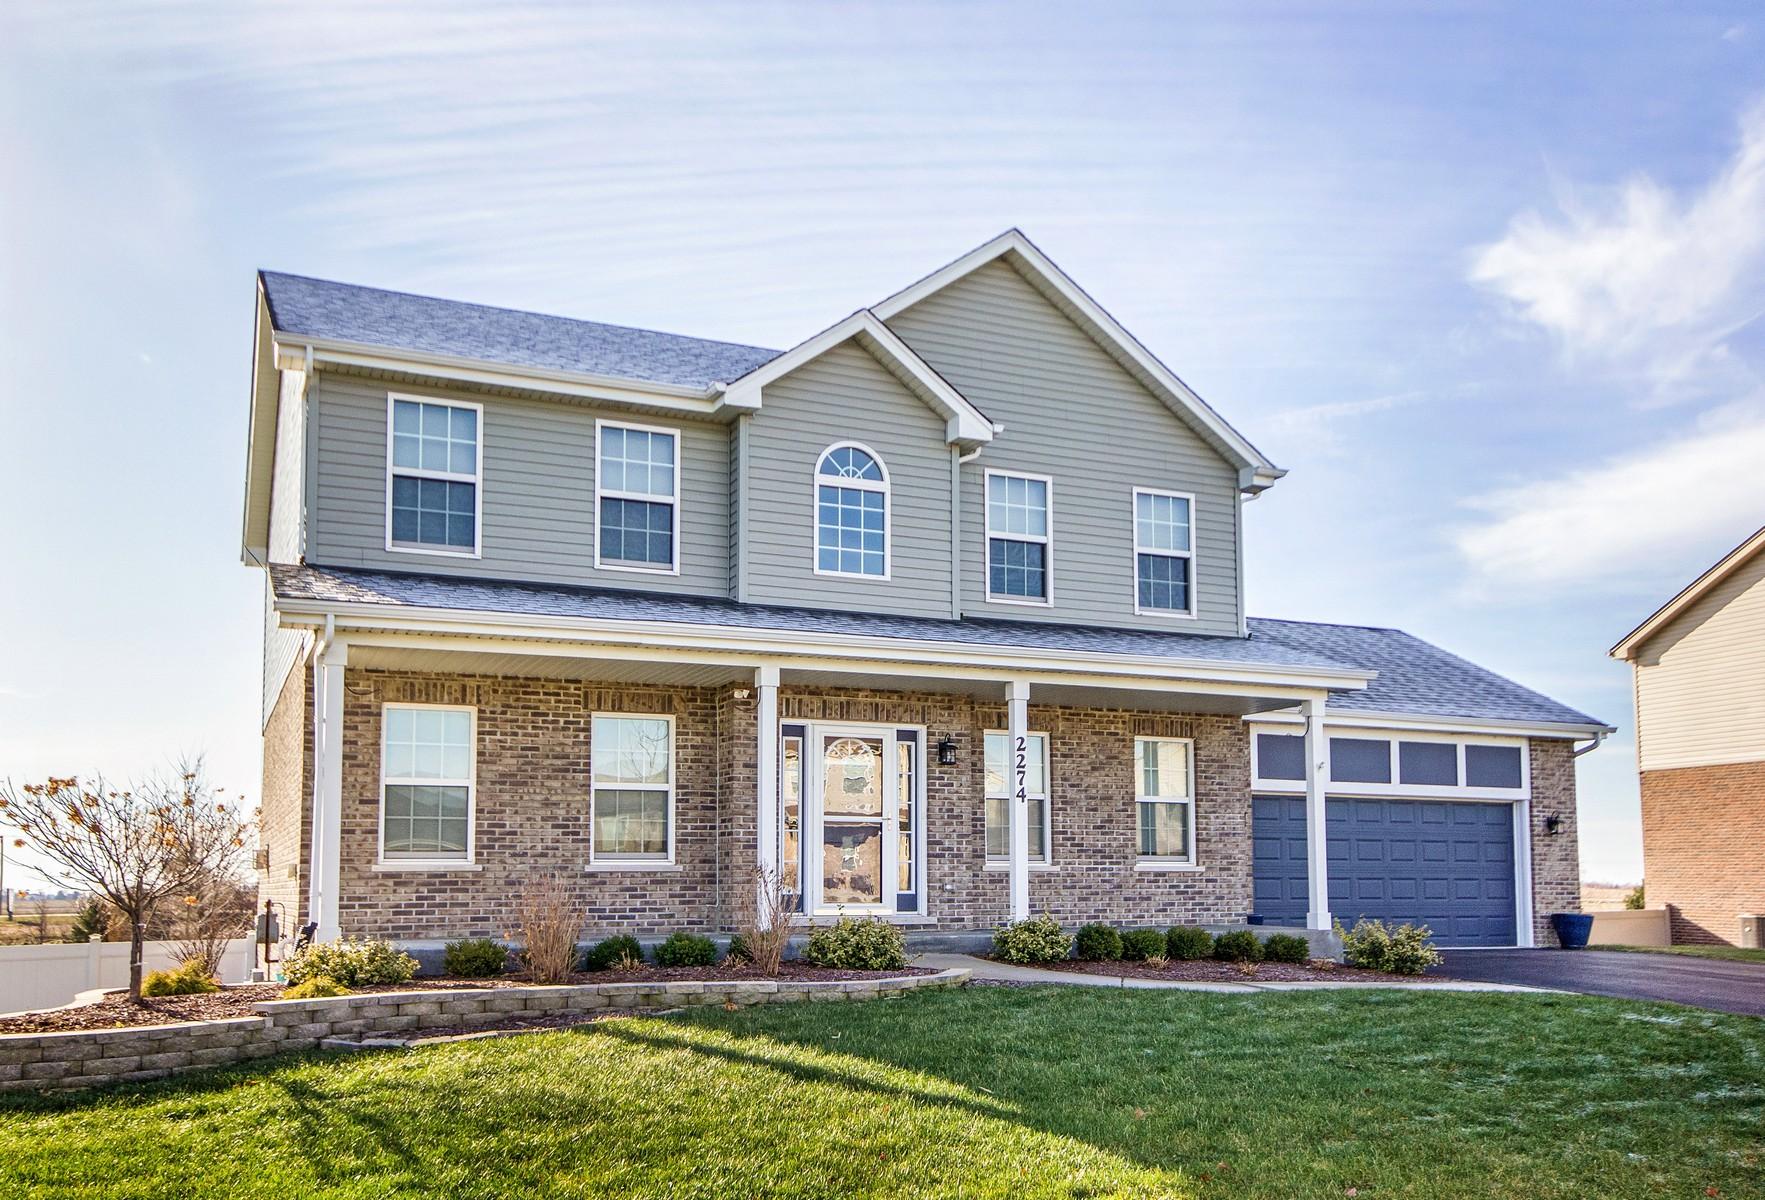 Частный односемейный дом для того Продажа на Beautiful Home in Heather Glen 2274 Scotsglen Drive New Lenox, Иллинойс, 60451 Соединенные Штаты